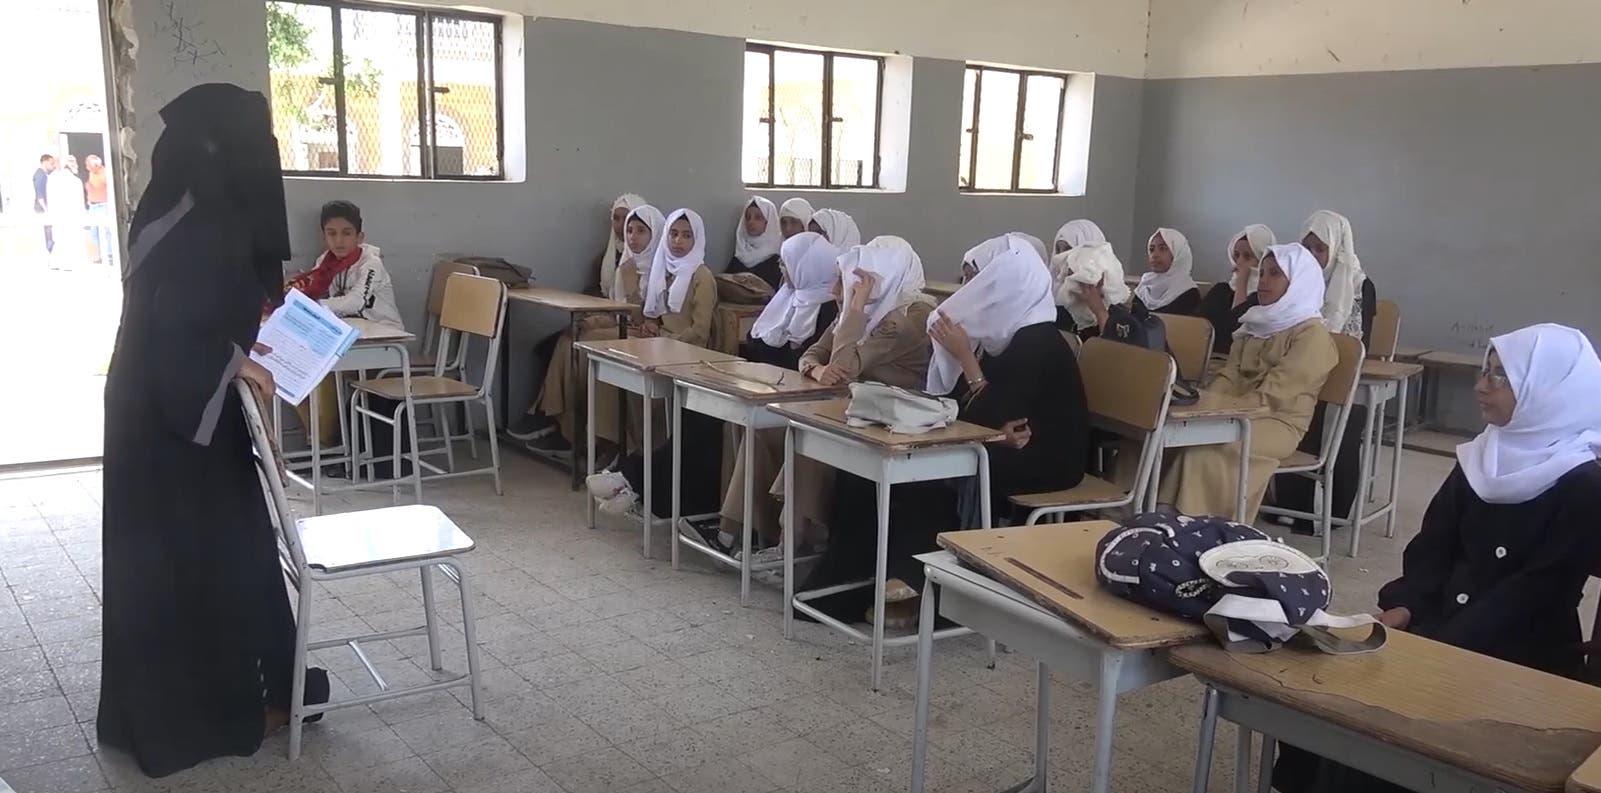 من أحد الفصول الدراسية في مدينة تعز اليمنية